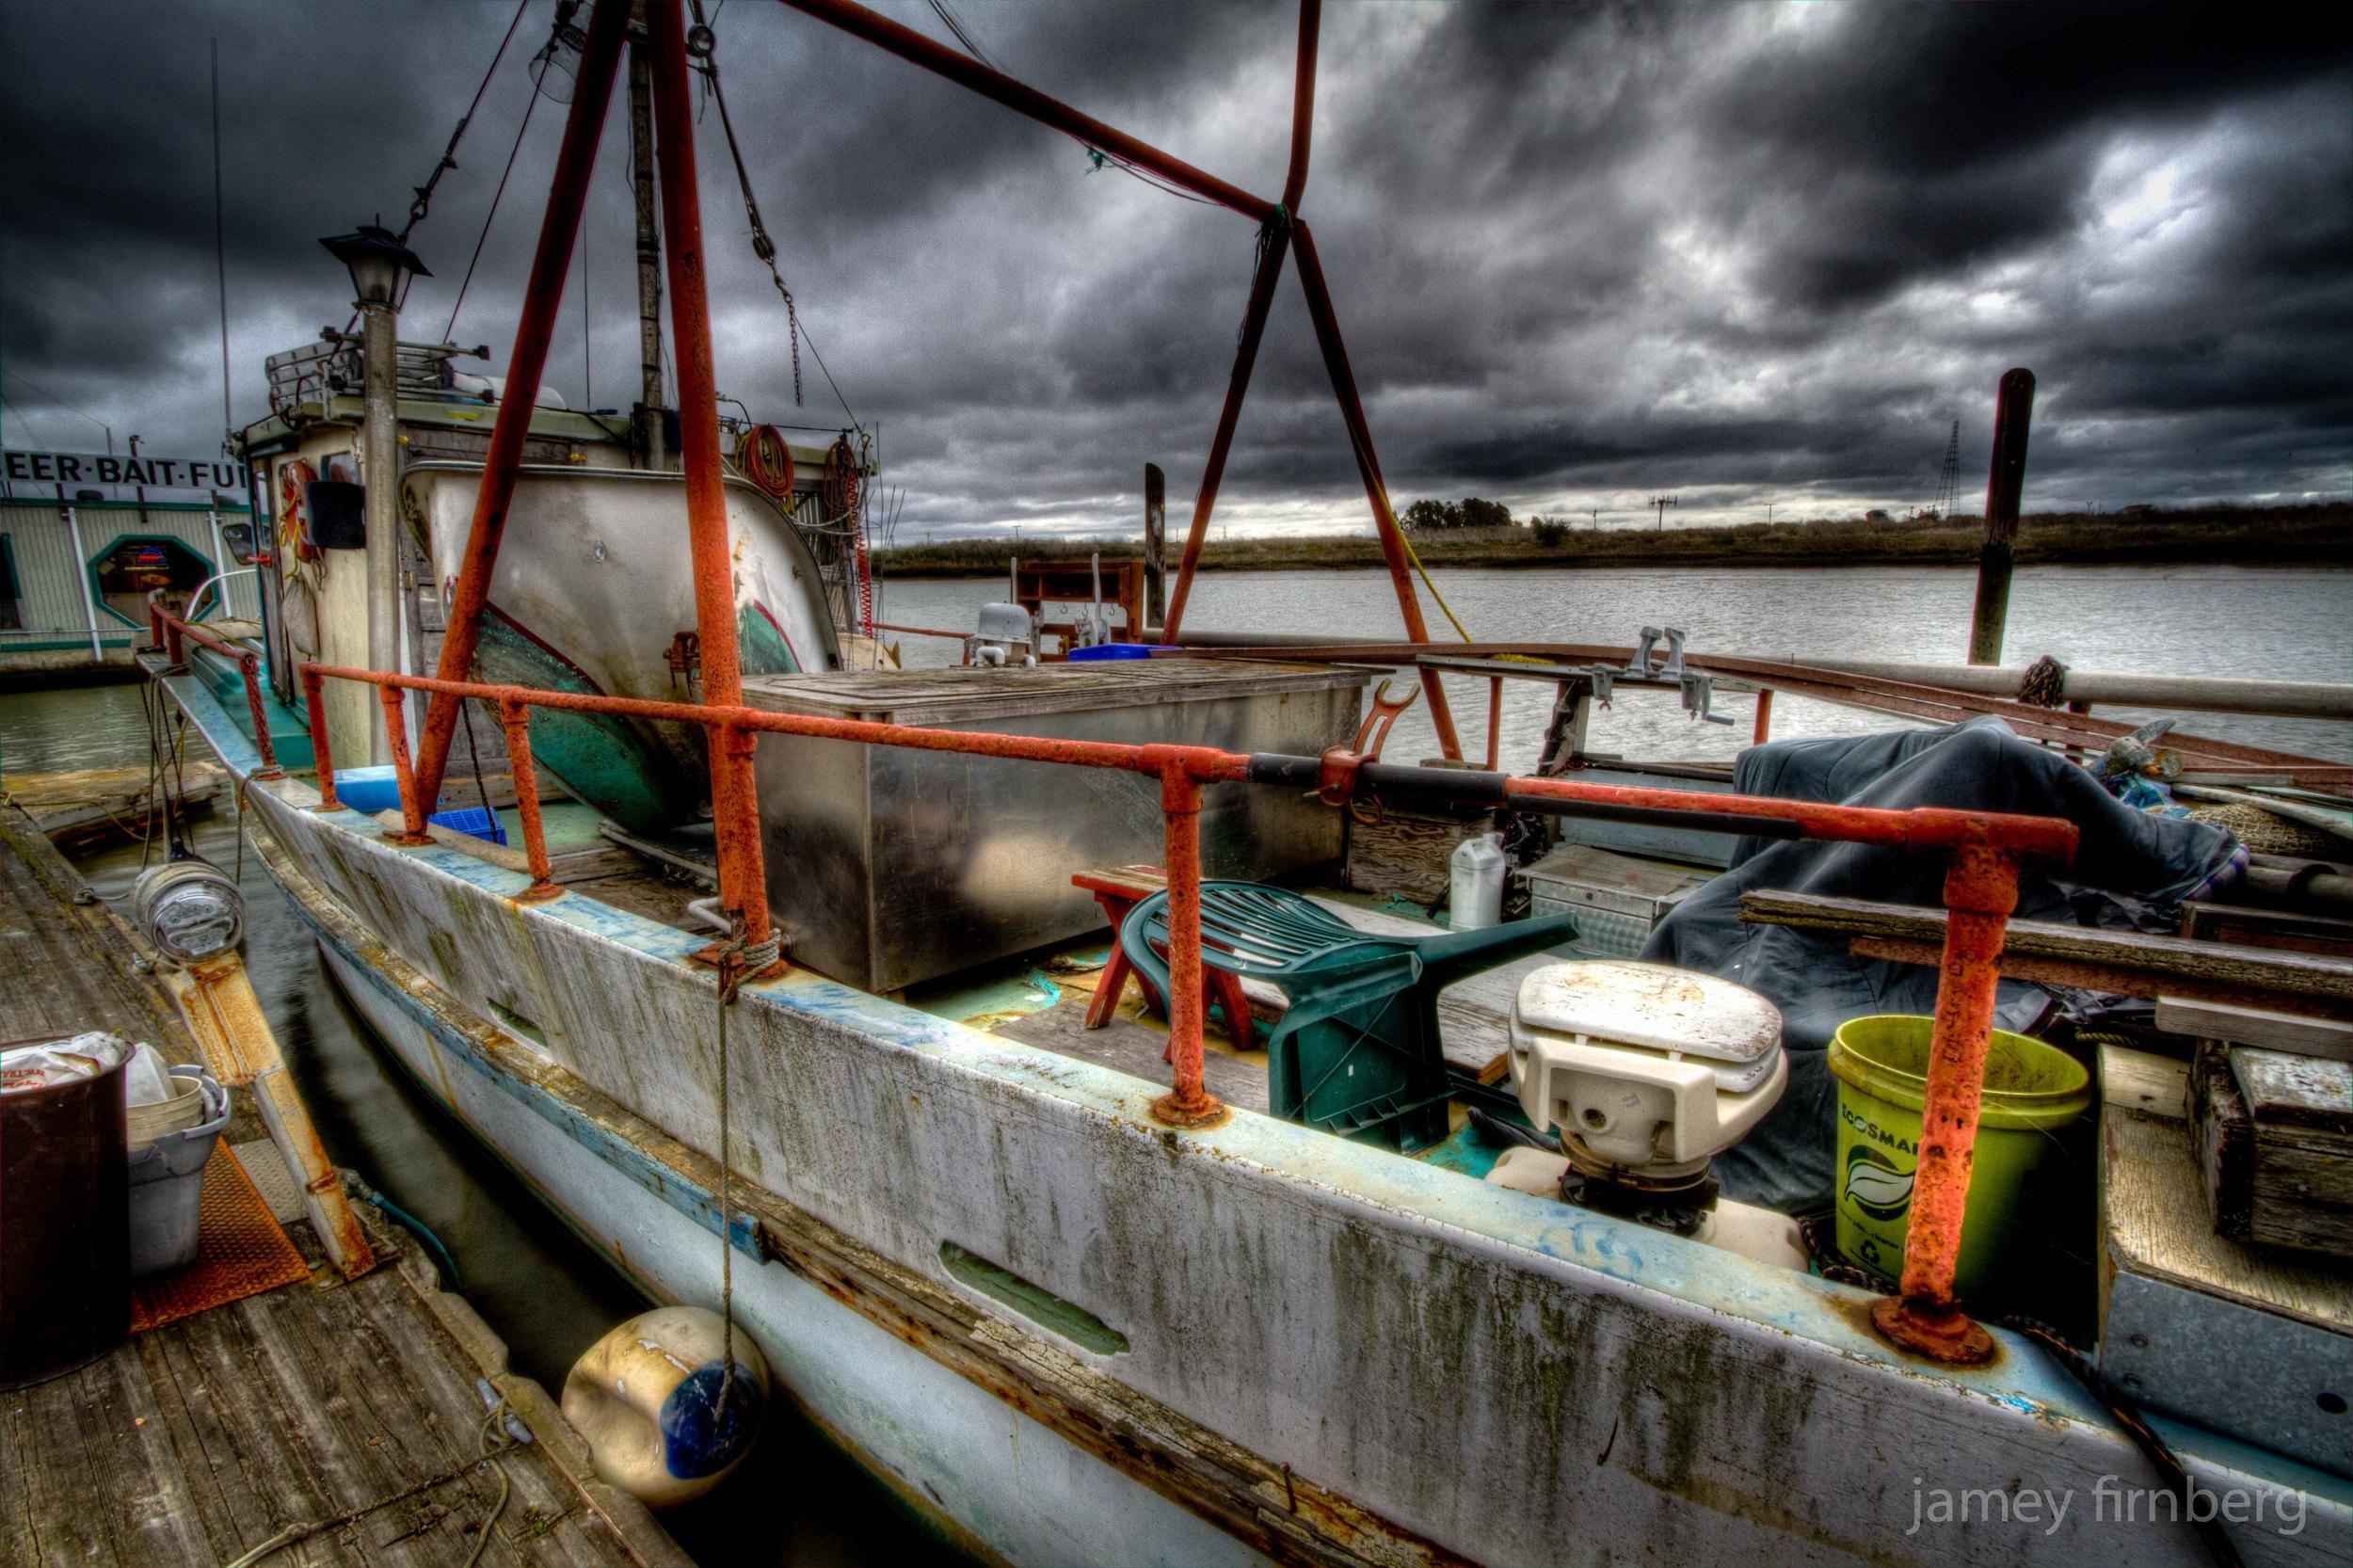 Sonoma_Boat-6.jpg